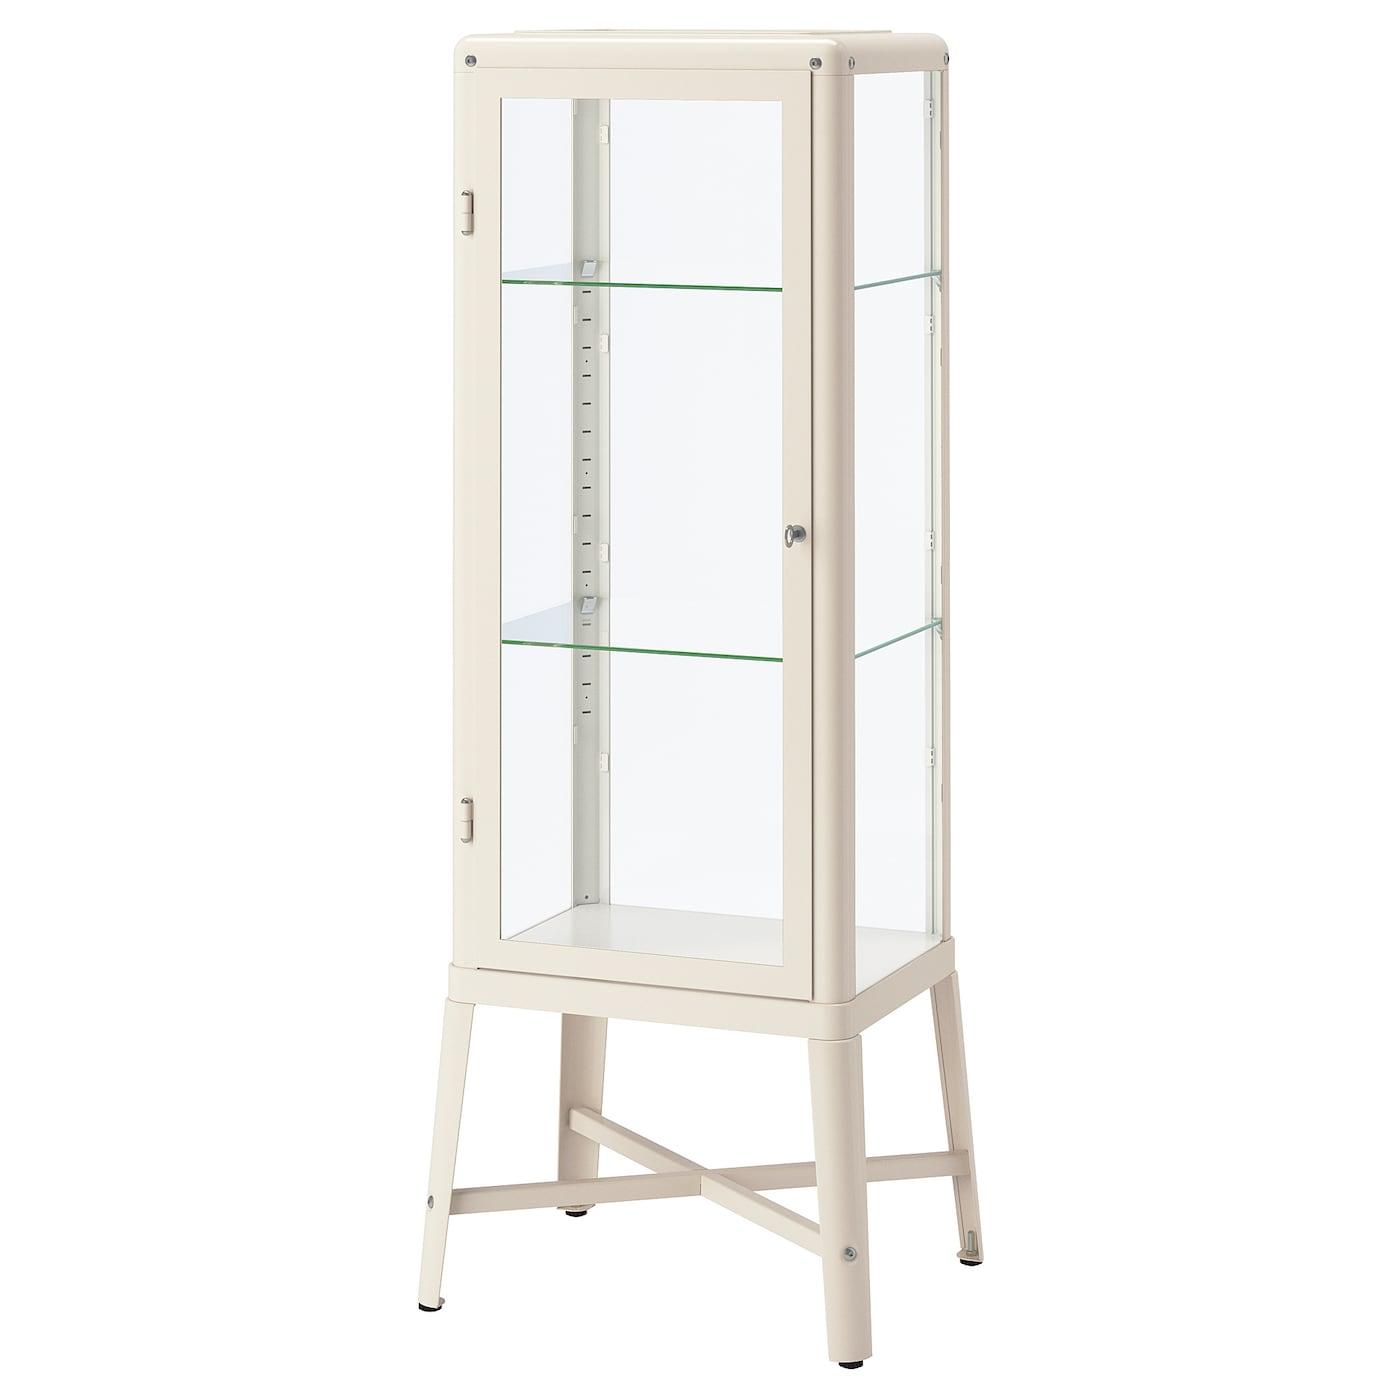 Retro Tv Meubel Ikea.Fabrikor Glass Door Cabinet Beige 22 1 2x59 Ikea